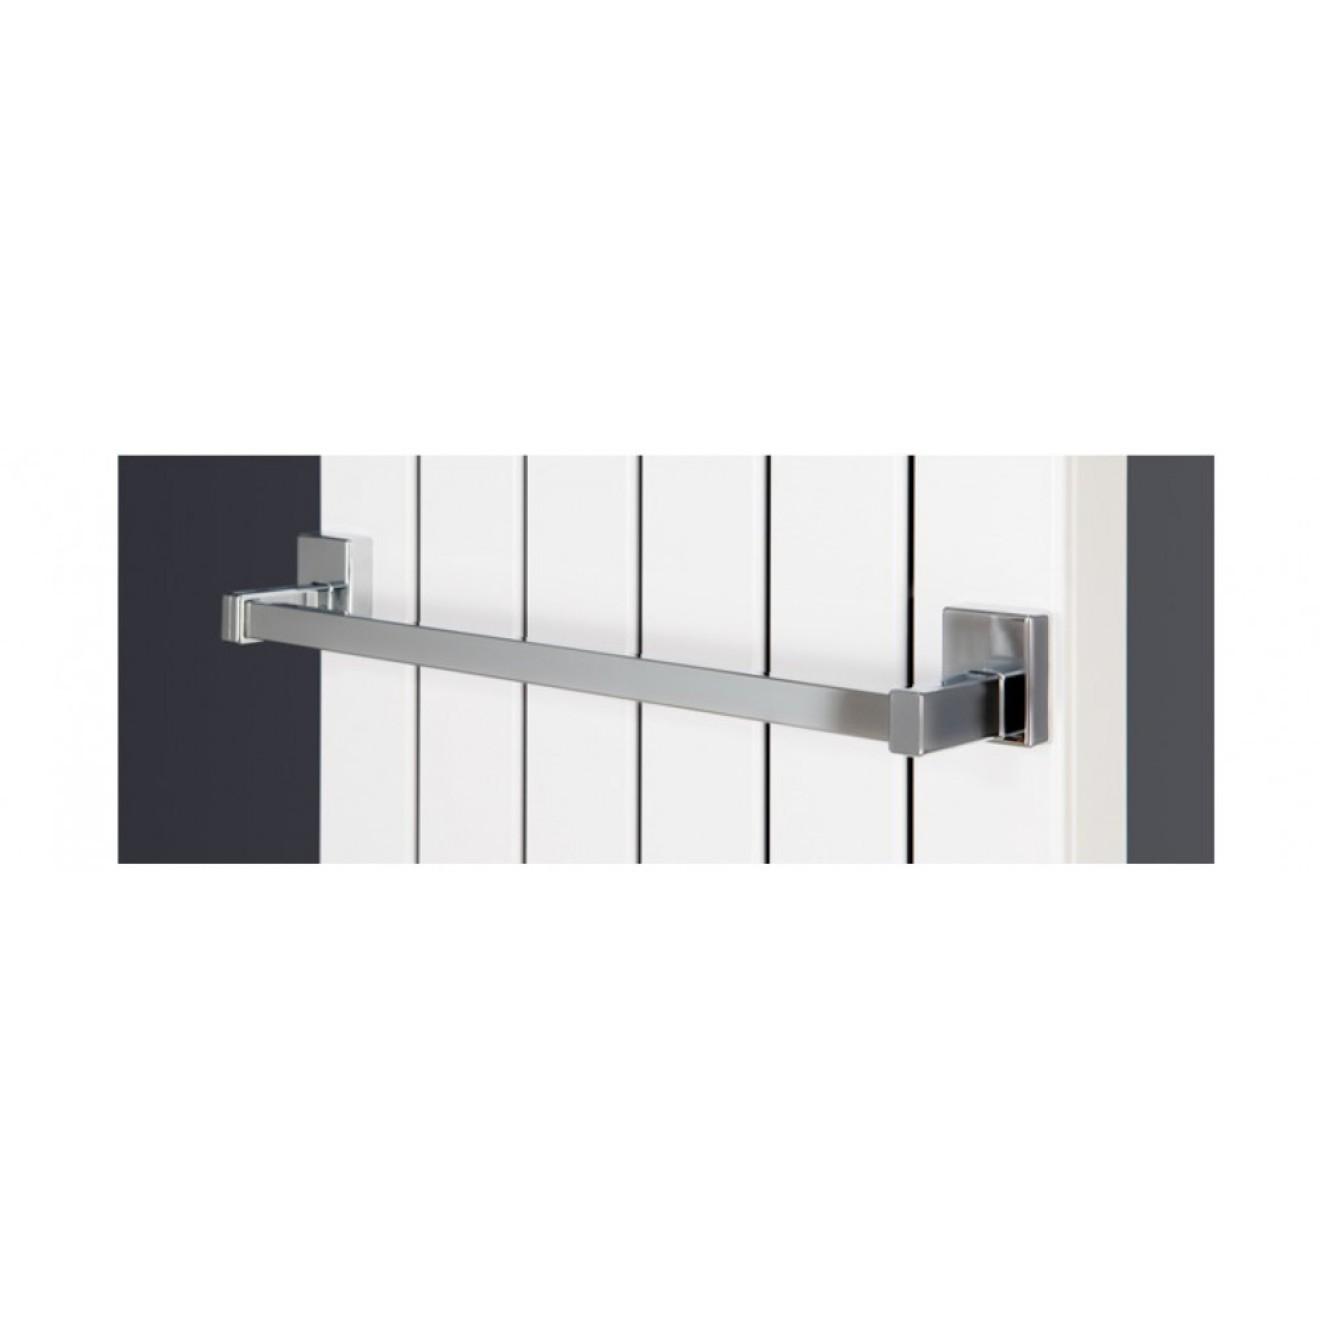 magnet handtuchstange handtuchhalter 40 cm chrom f r heizk rper treffpunkt bad der shop f r. Black Bedroom Furniture Sets. Home Design Ideas